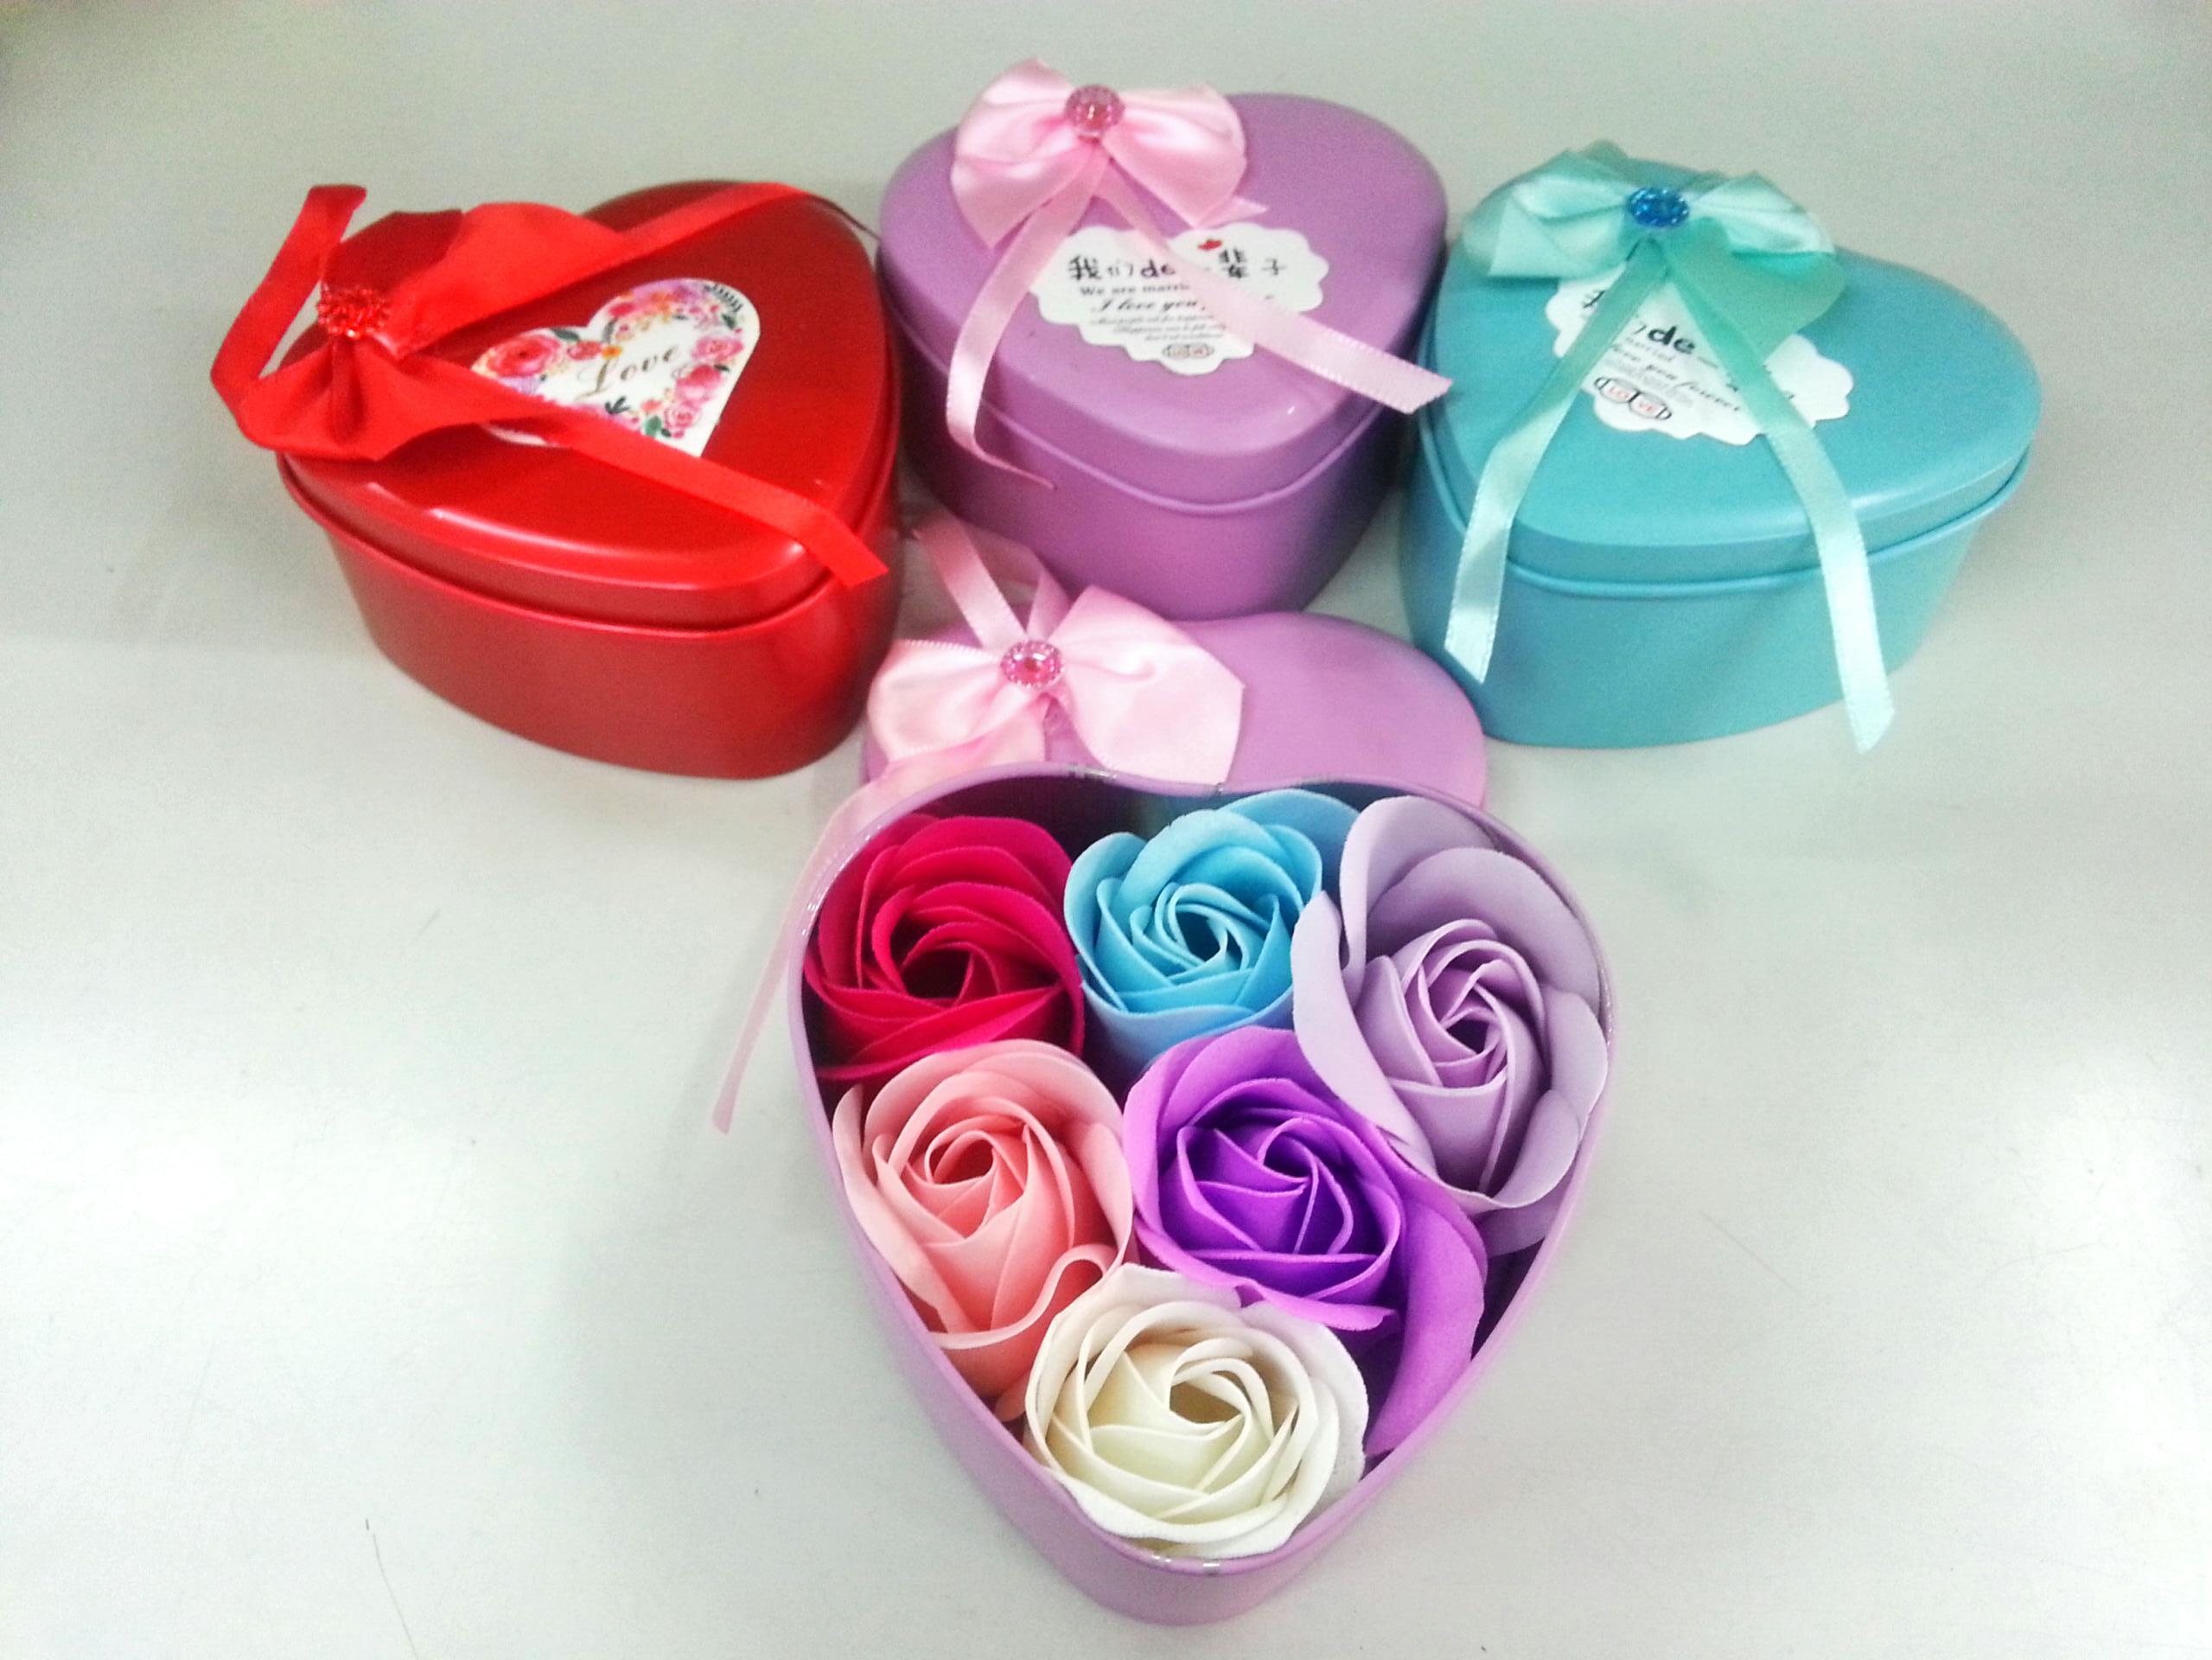 กล่องหัวใจวาเลนไทน์ ดอกกุหลาบ6ดอก(มีกลิ่นหอม) รวมสี